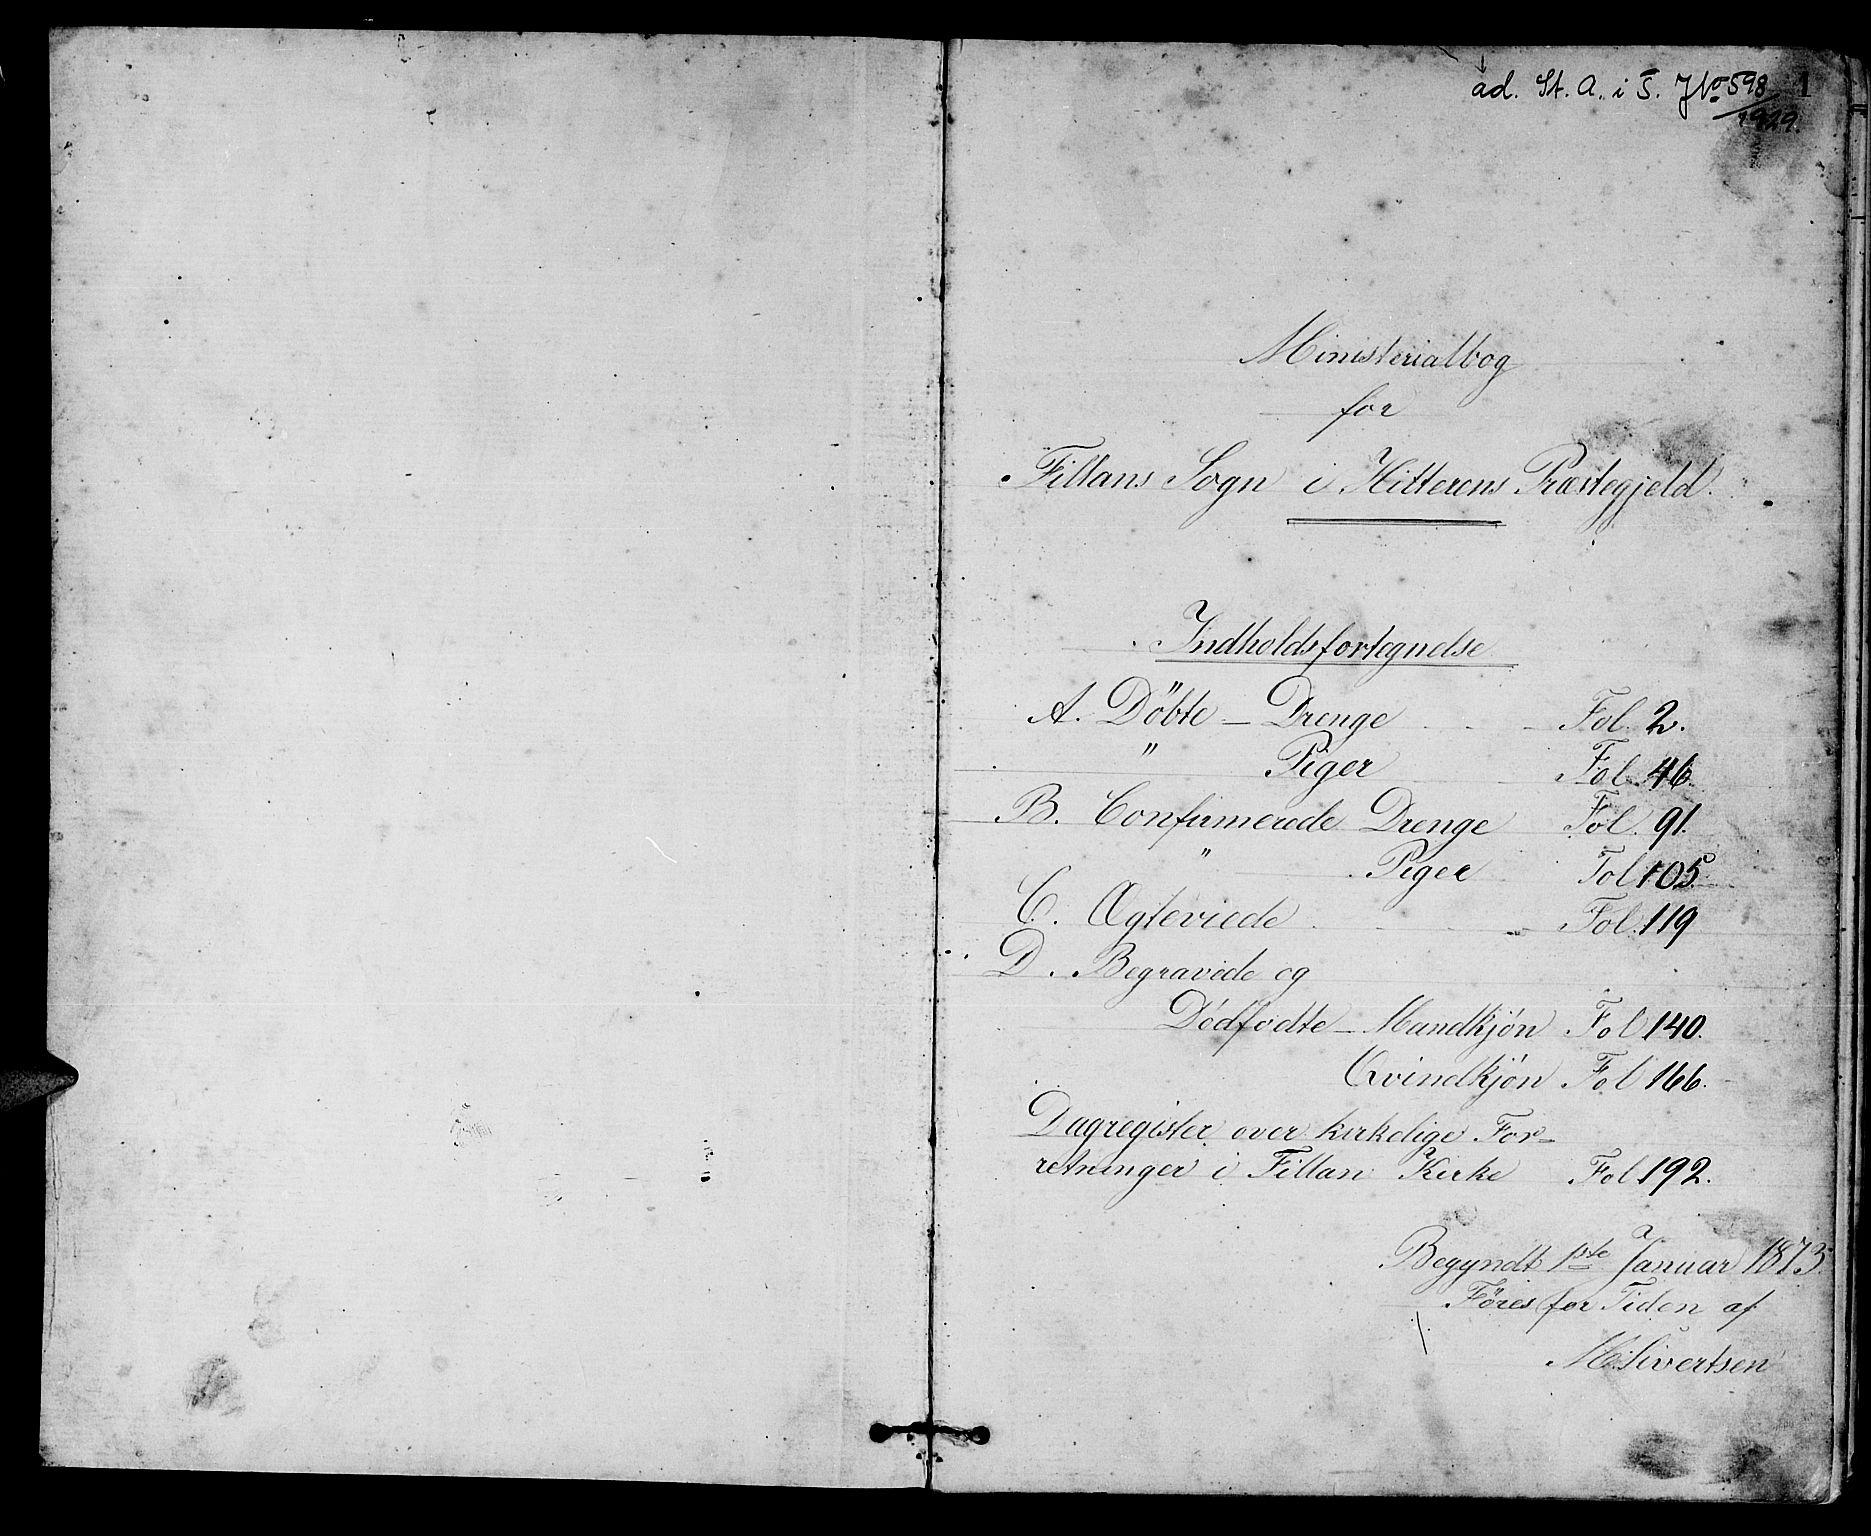 SAT, Ministerialprotokoller, klokkerbøker og fødselsregistre - Sør-Trøndelag, 637/L0561: Klokkerbok nr. 637C02, 1873-1882, s. 1